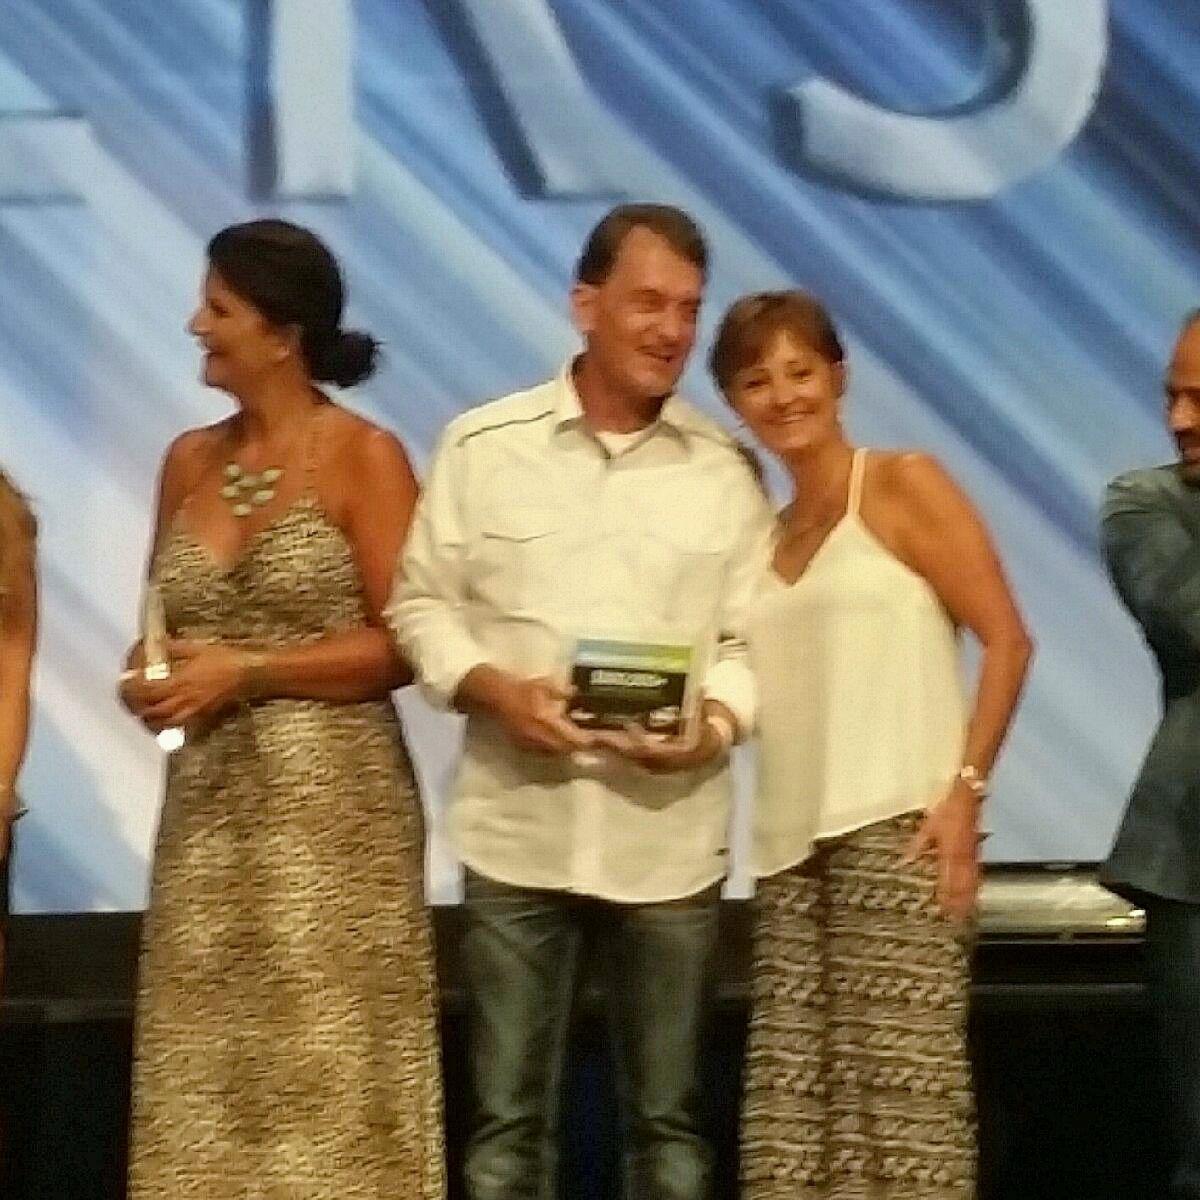 $500K Earners Celebration August 2014